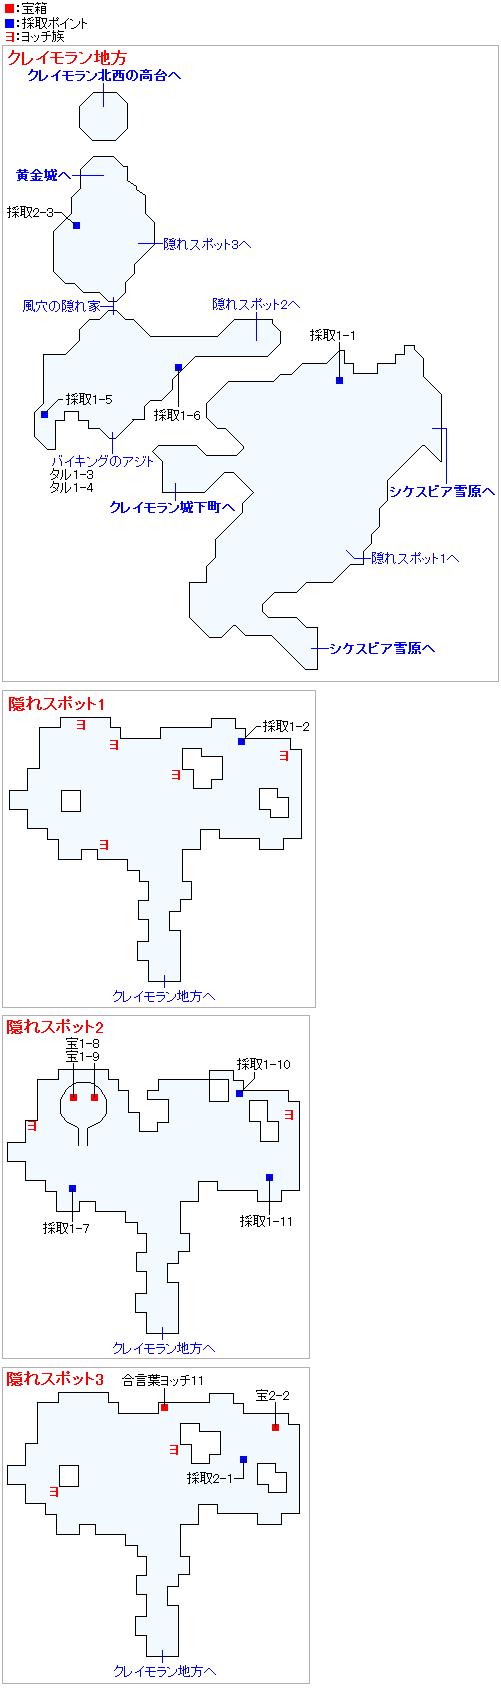 クレイモラン地方(2Dモード)のマップ画像